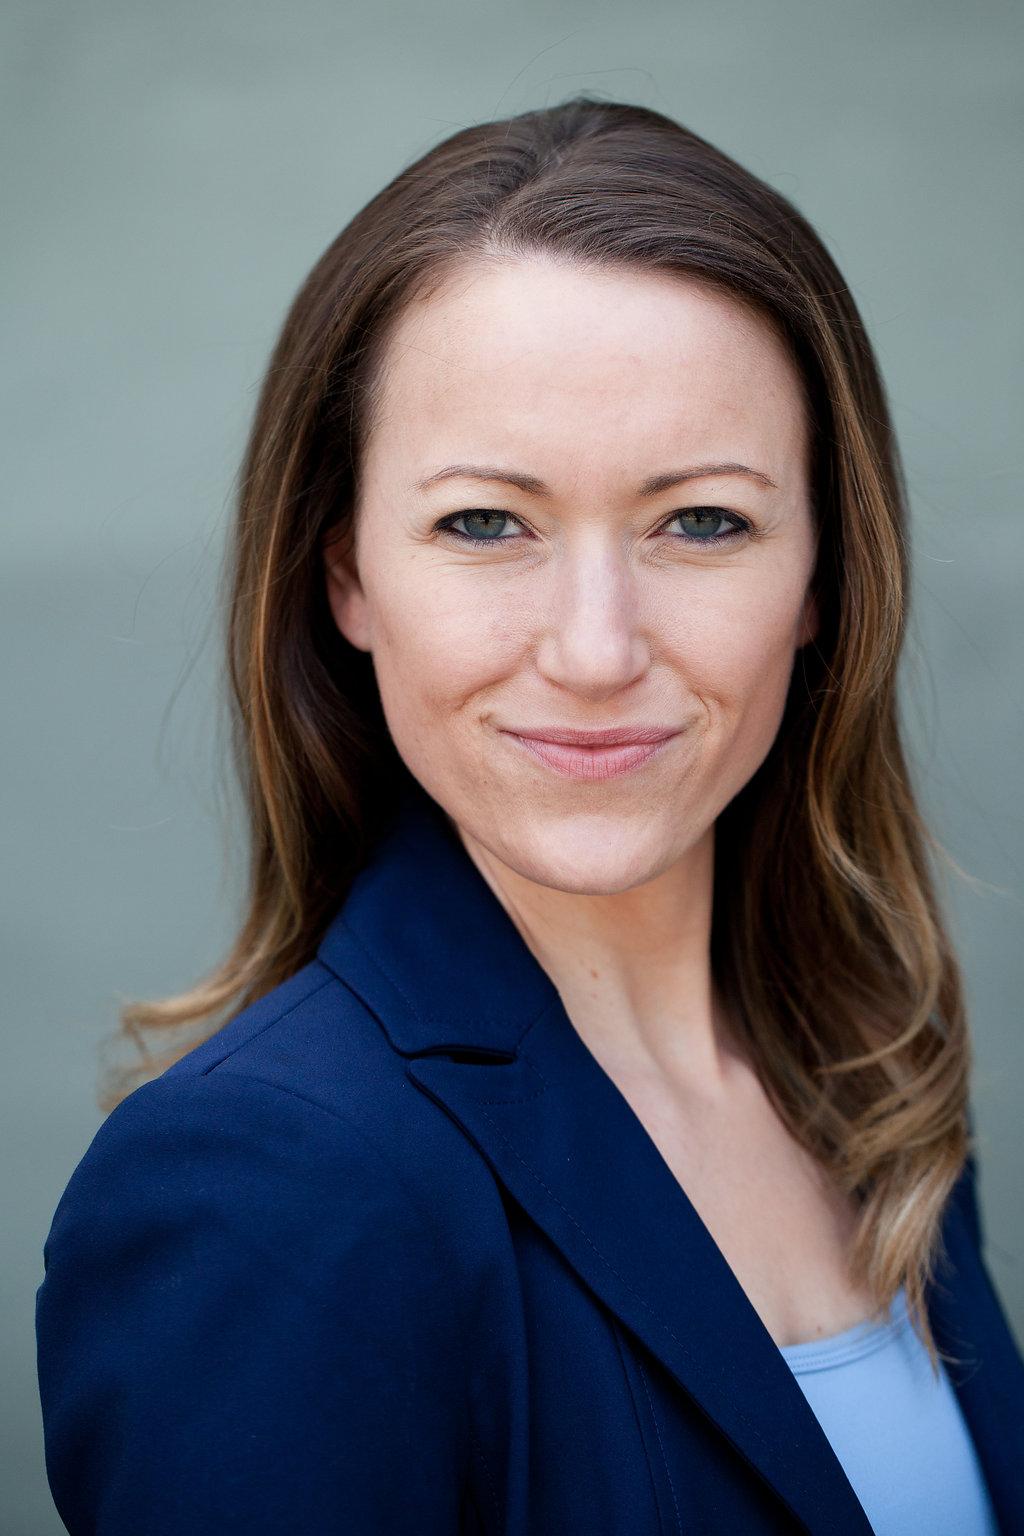 Dianne Montgomery